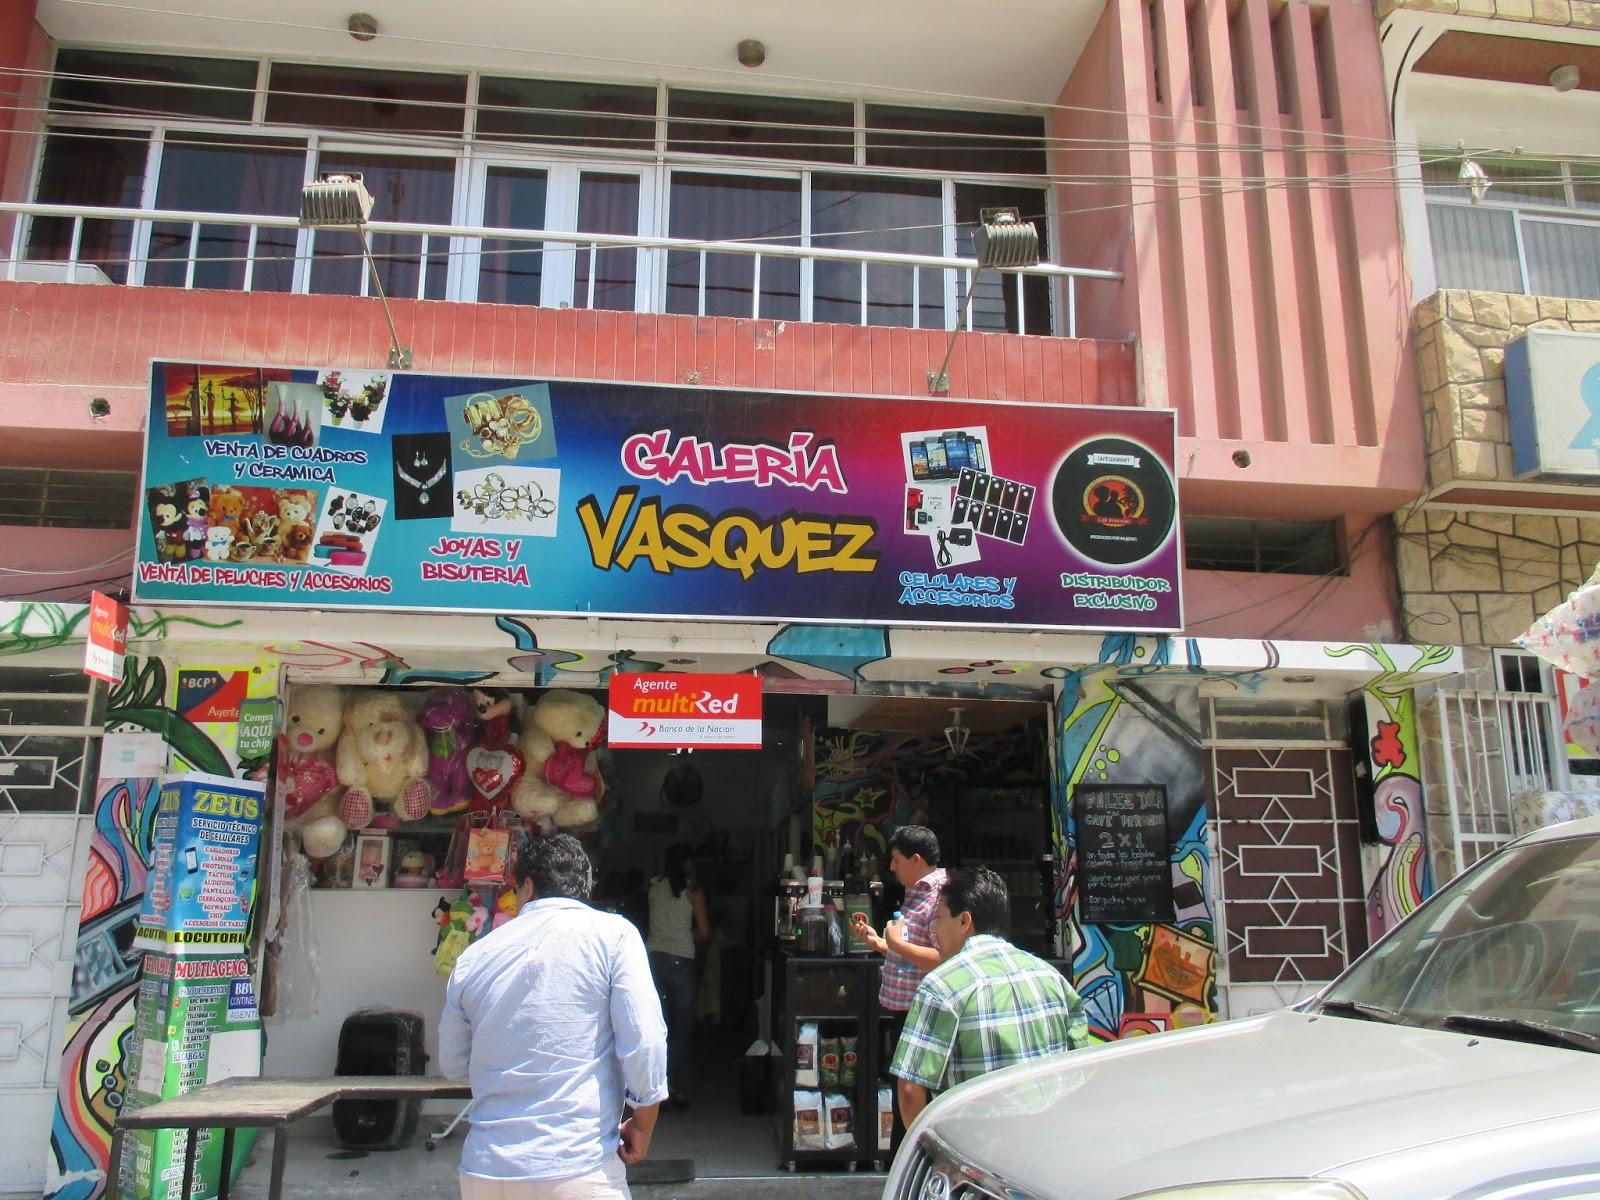 b31580546a01 A VUELO DE UN QUINDE® - EL BLOG !!!!! .    .  Día del Café Peruano ...